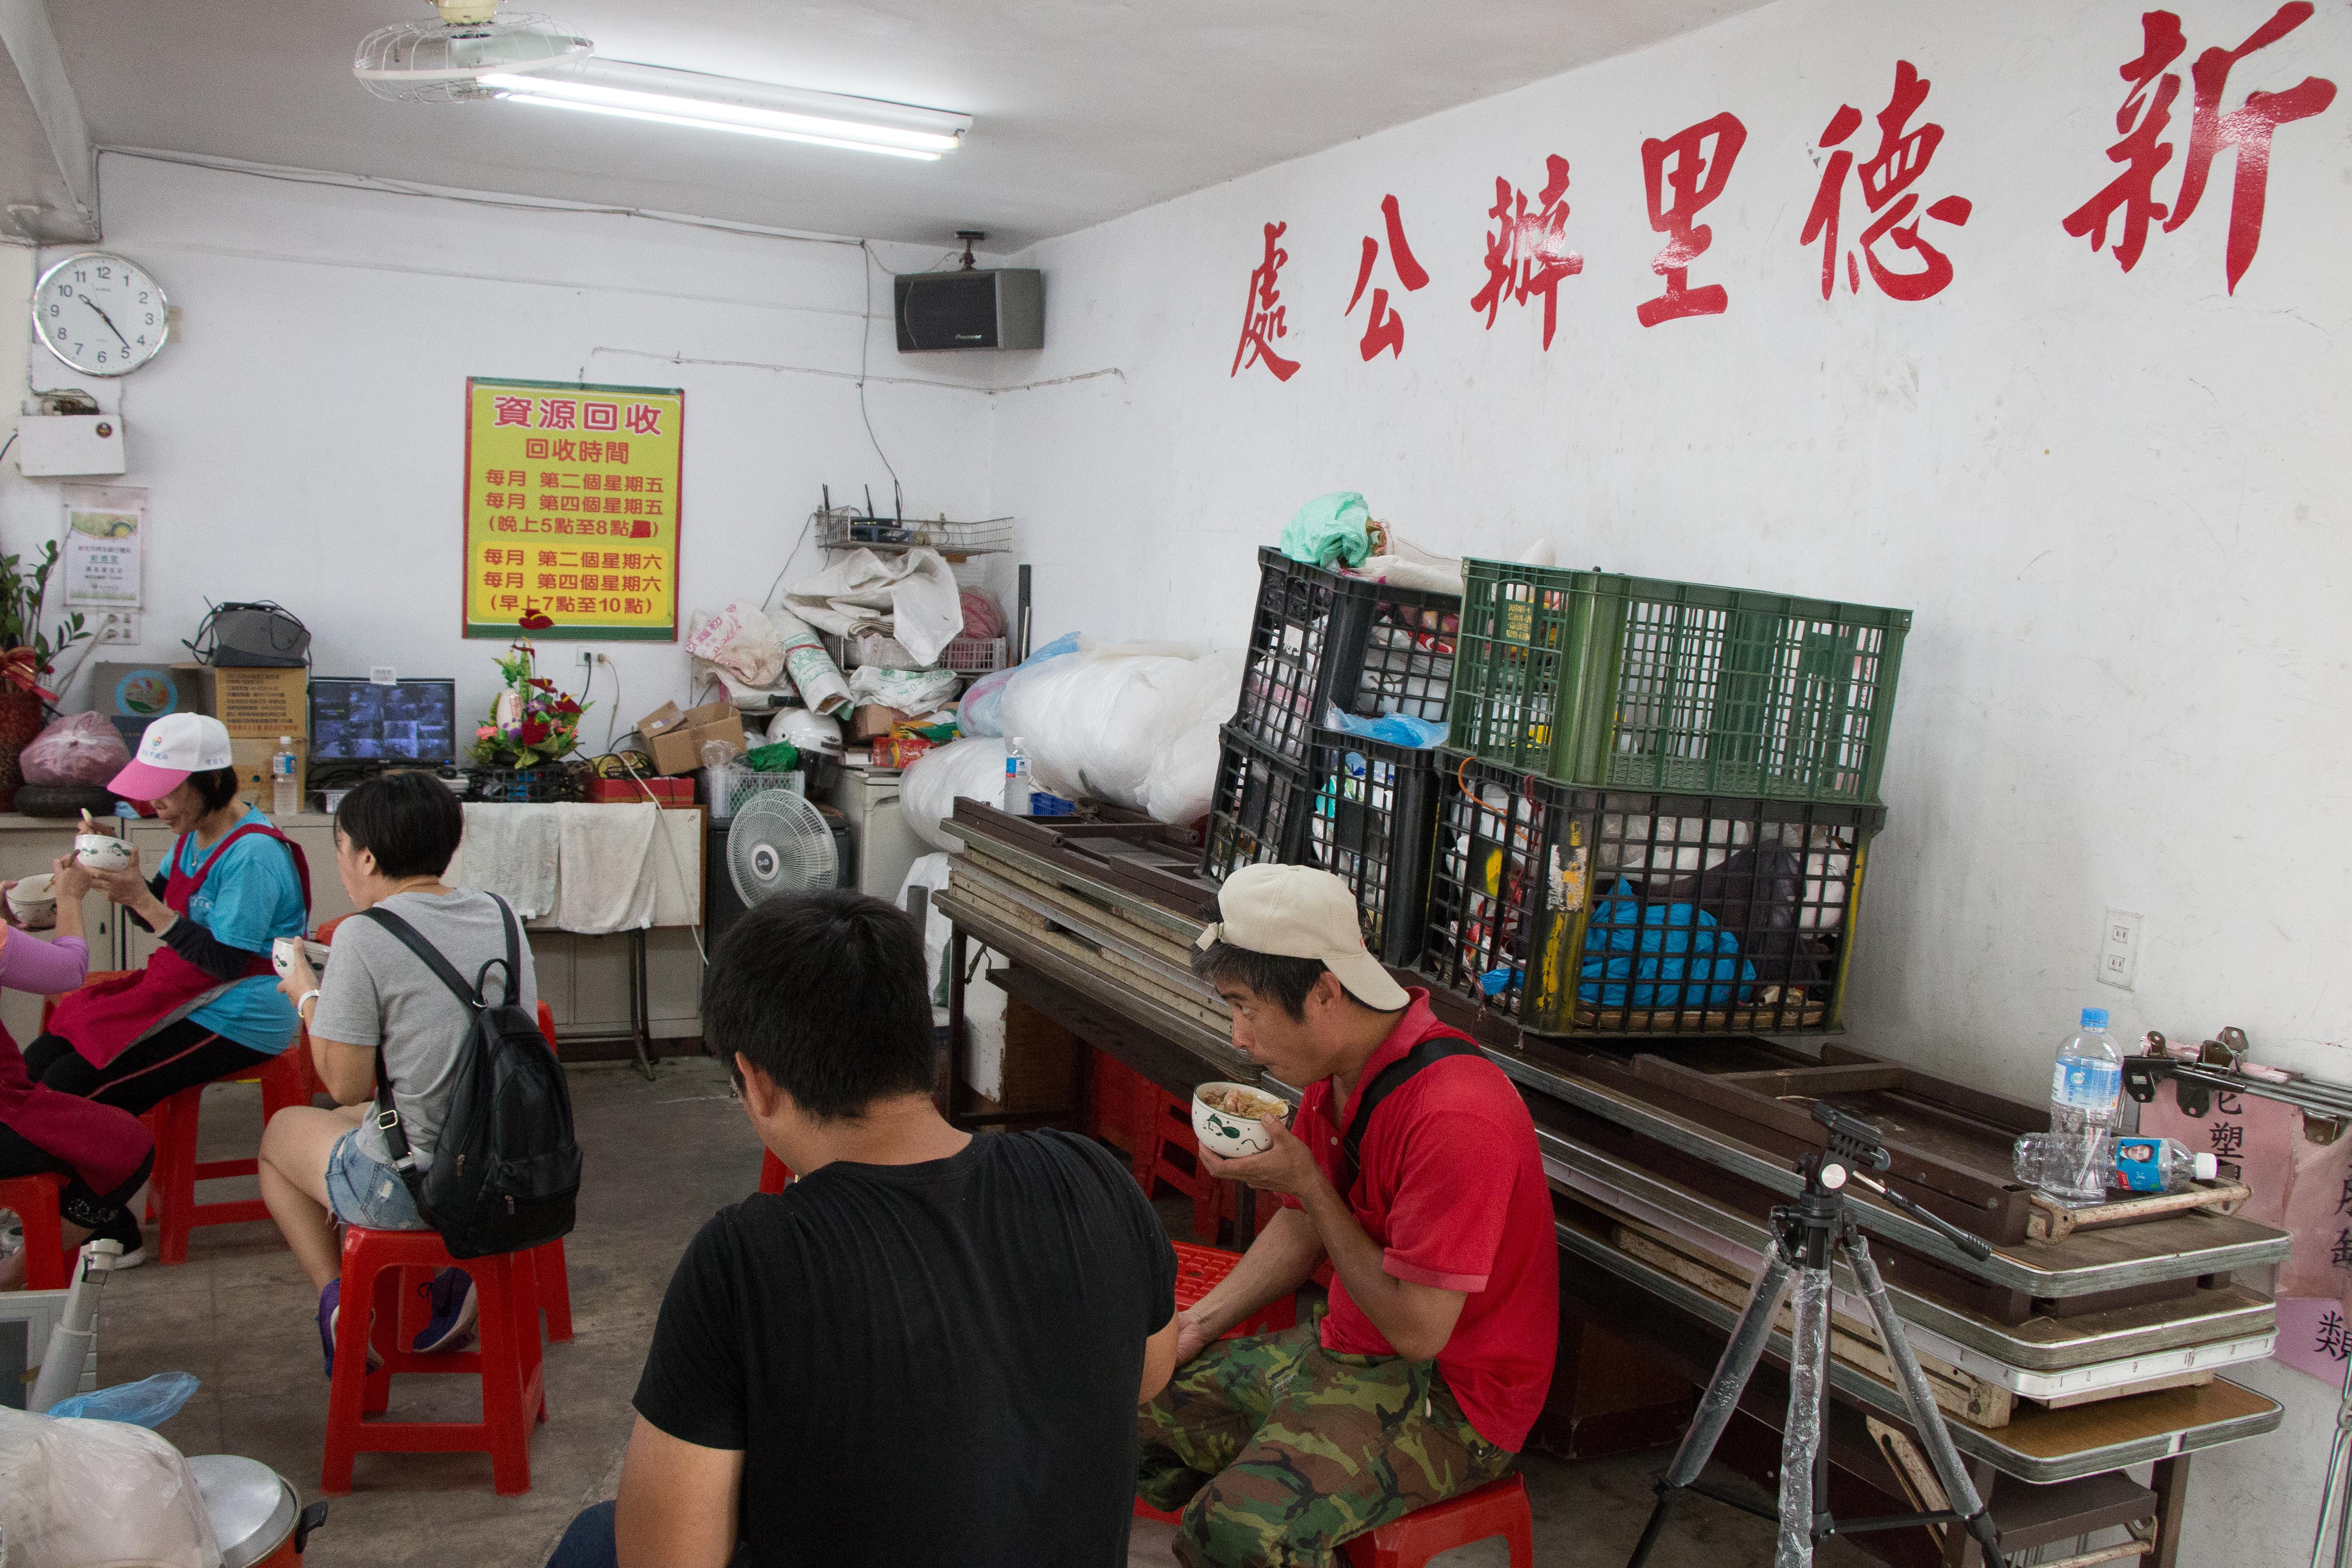 回收工作大功告成之後,志工們會聚在一起吃中餐,犒賞自己一天的辛勞。攝影/李振均